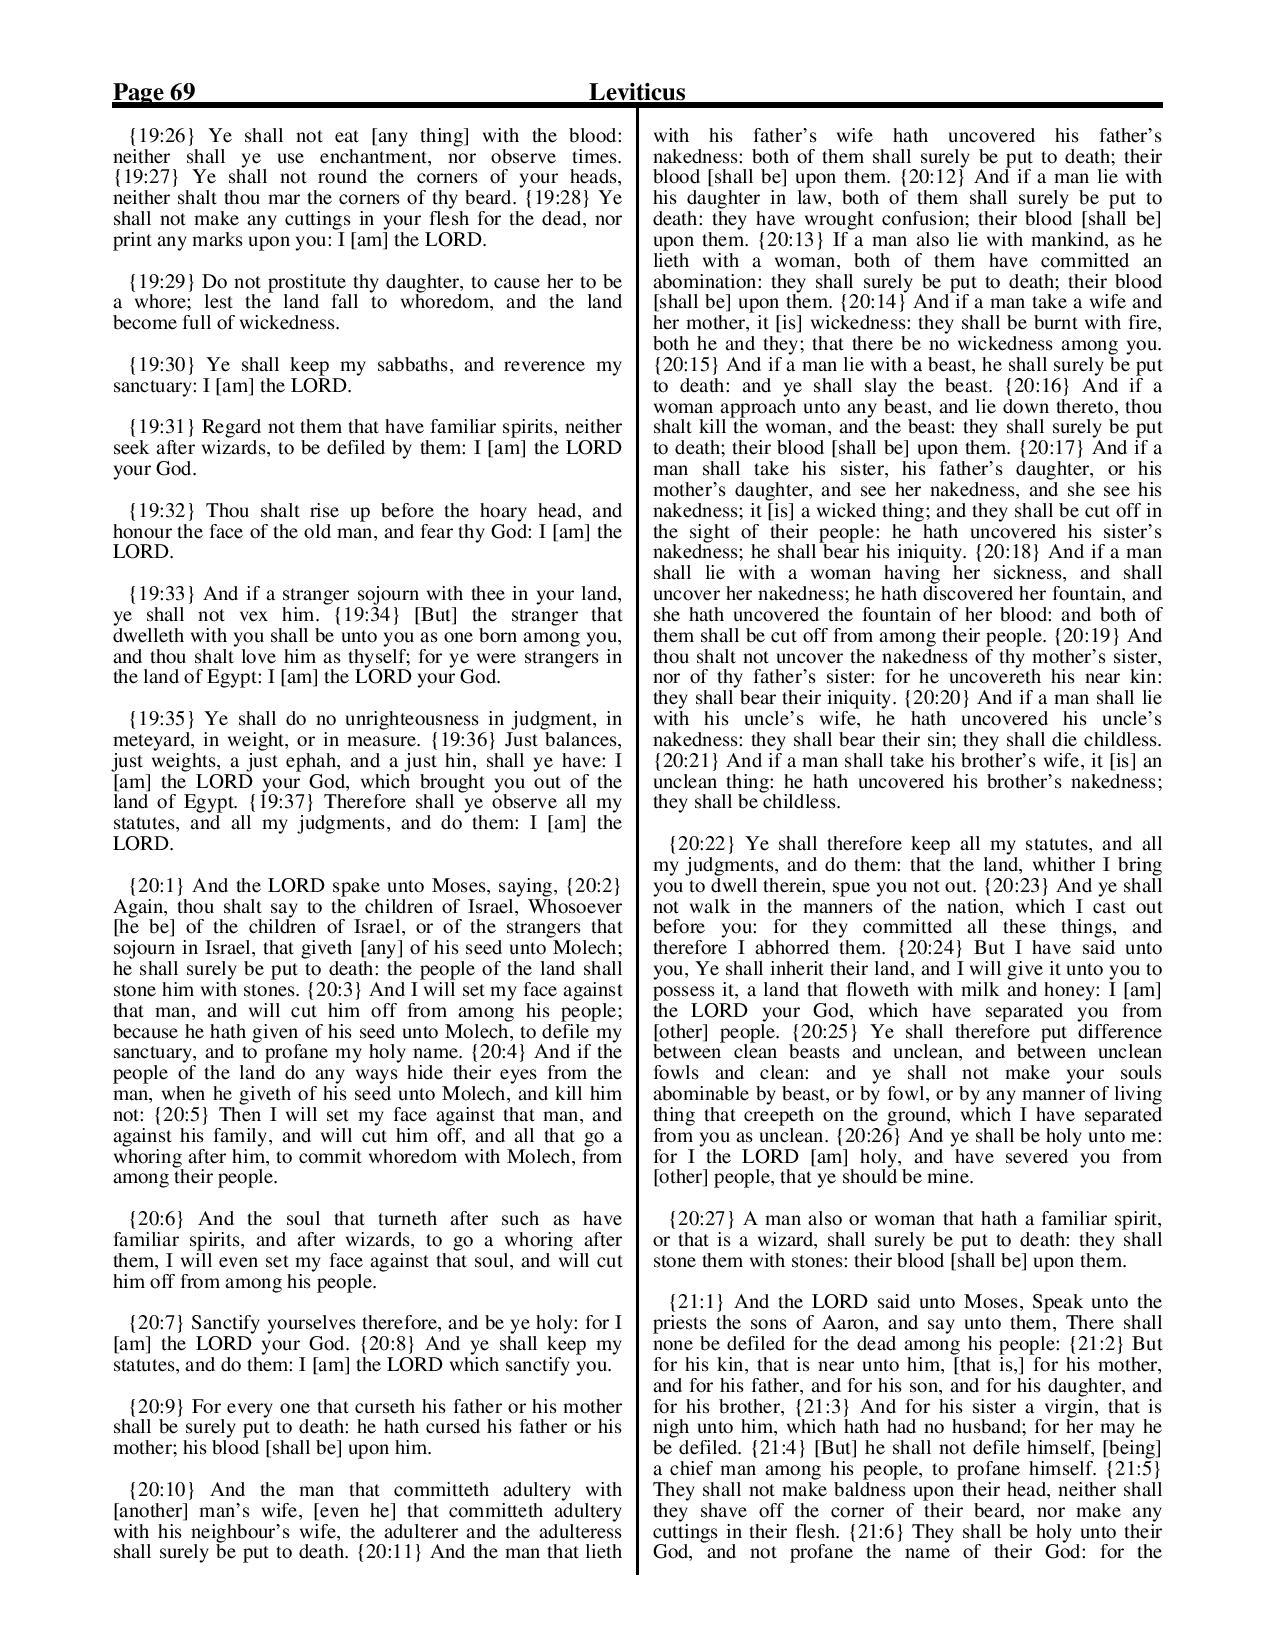 King-James-Bible-KJV-Bible-PDF-page-090